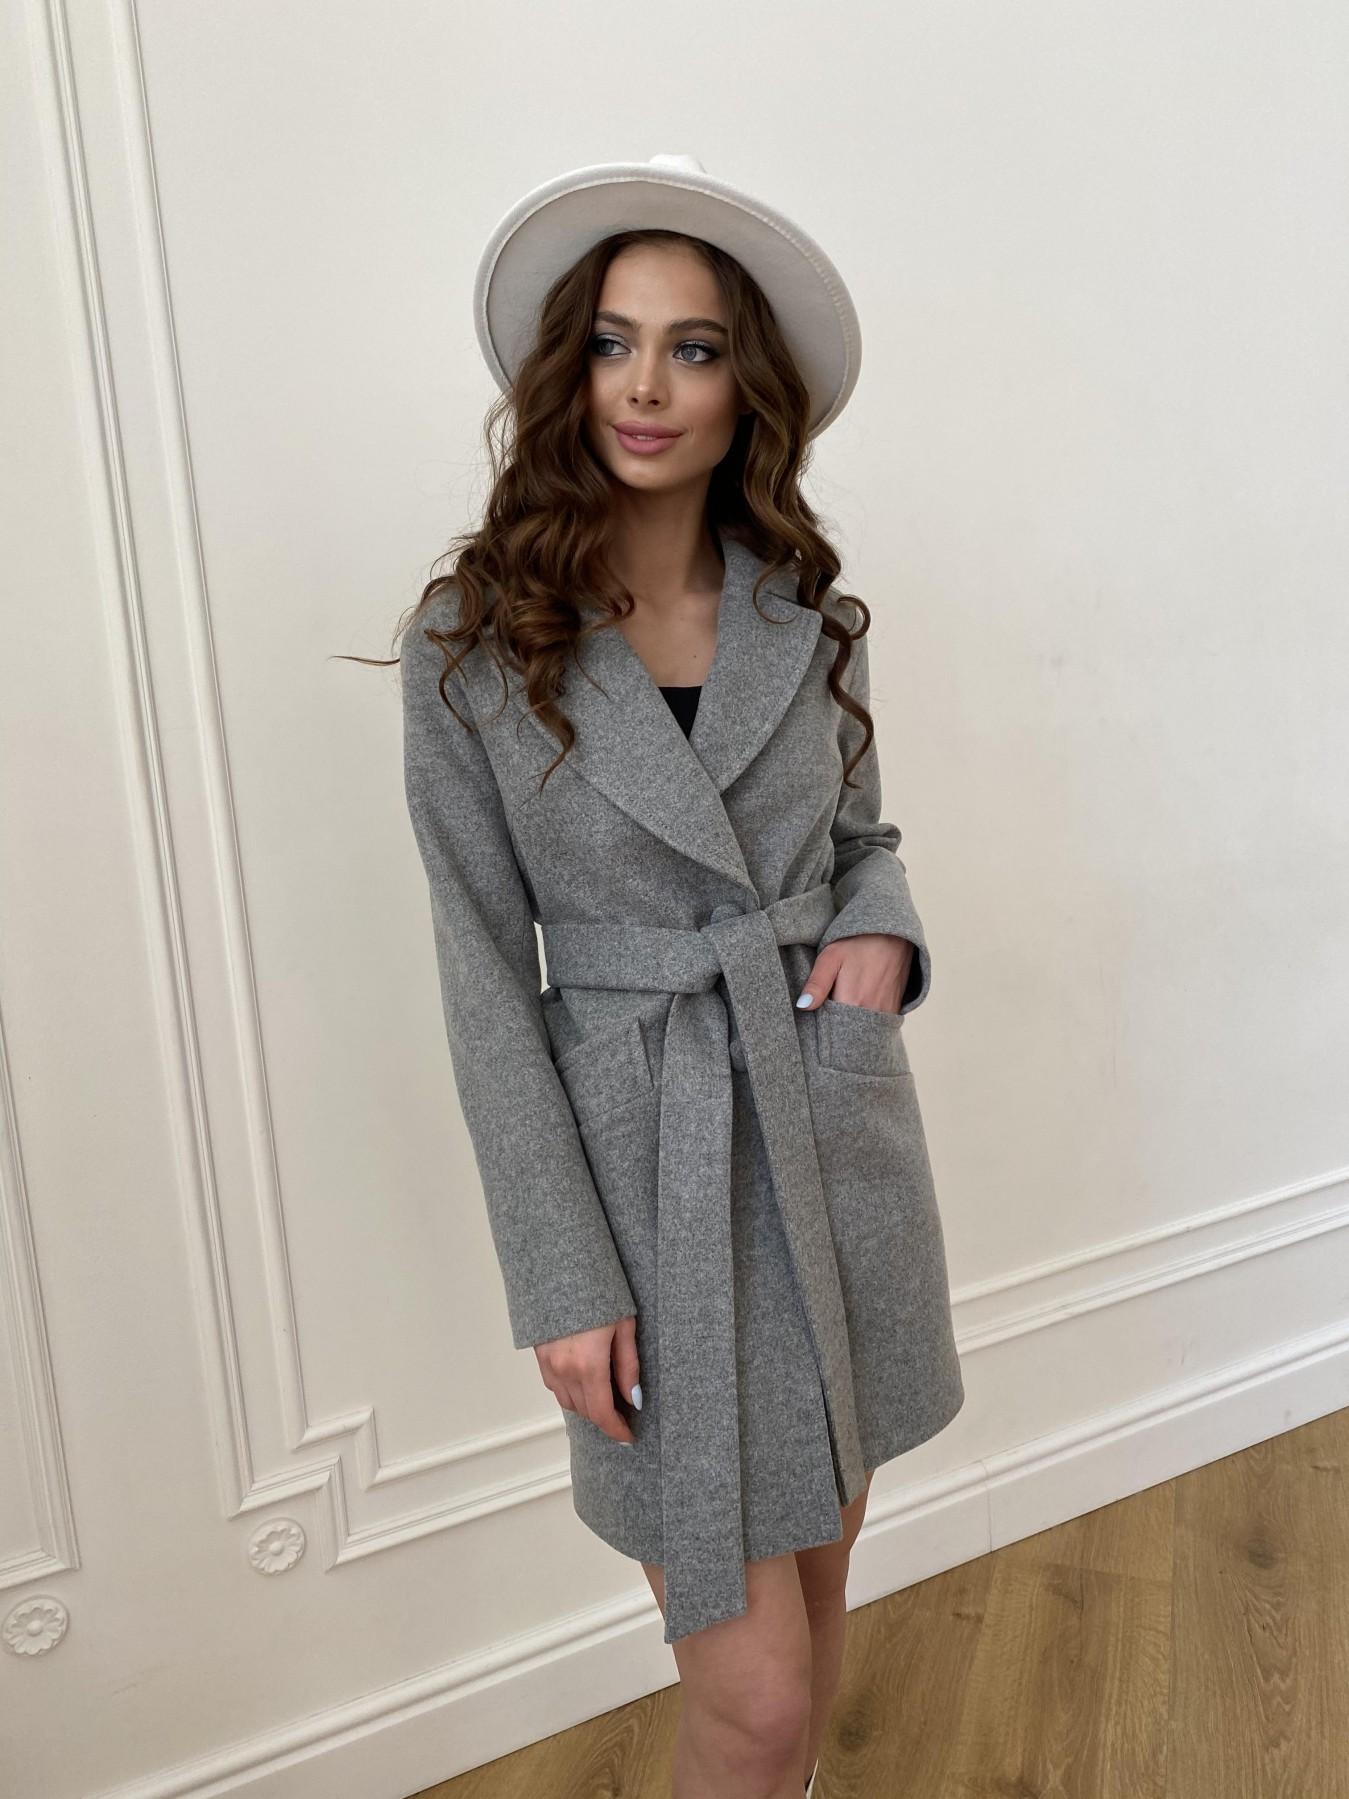 Вейсона пальто из кашемира меланж на трикотаже  10743 АРТ. 47596 Цвет: Серый 1 - фото 1, интернет магазин tm-modus.ru